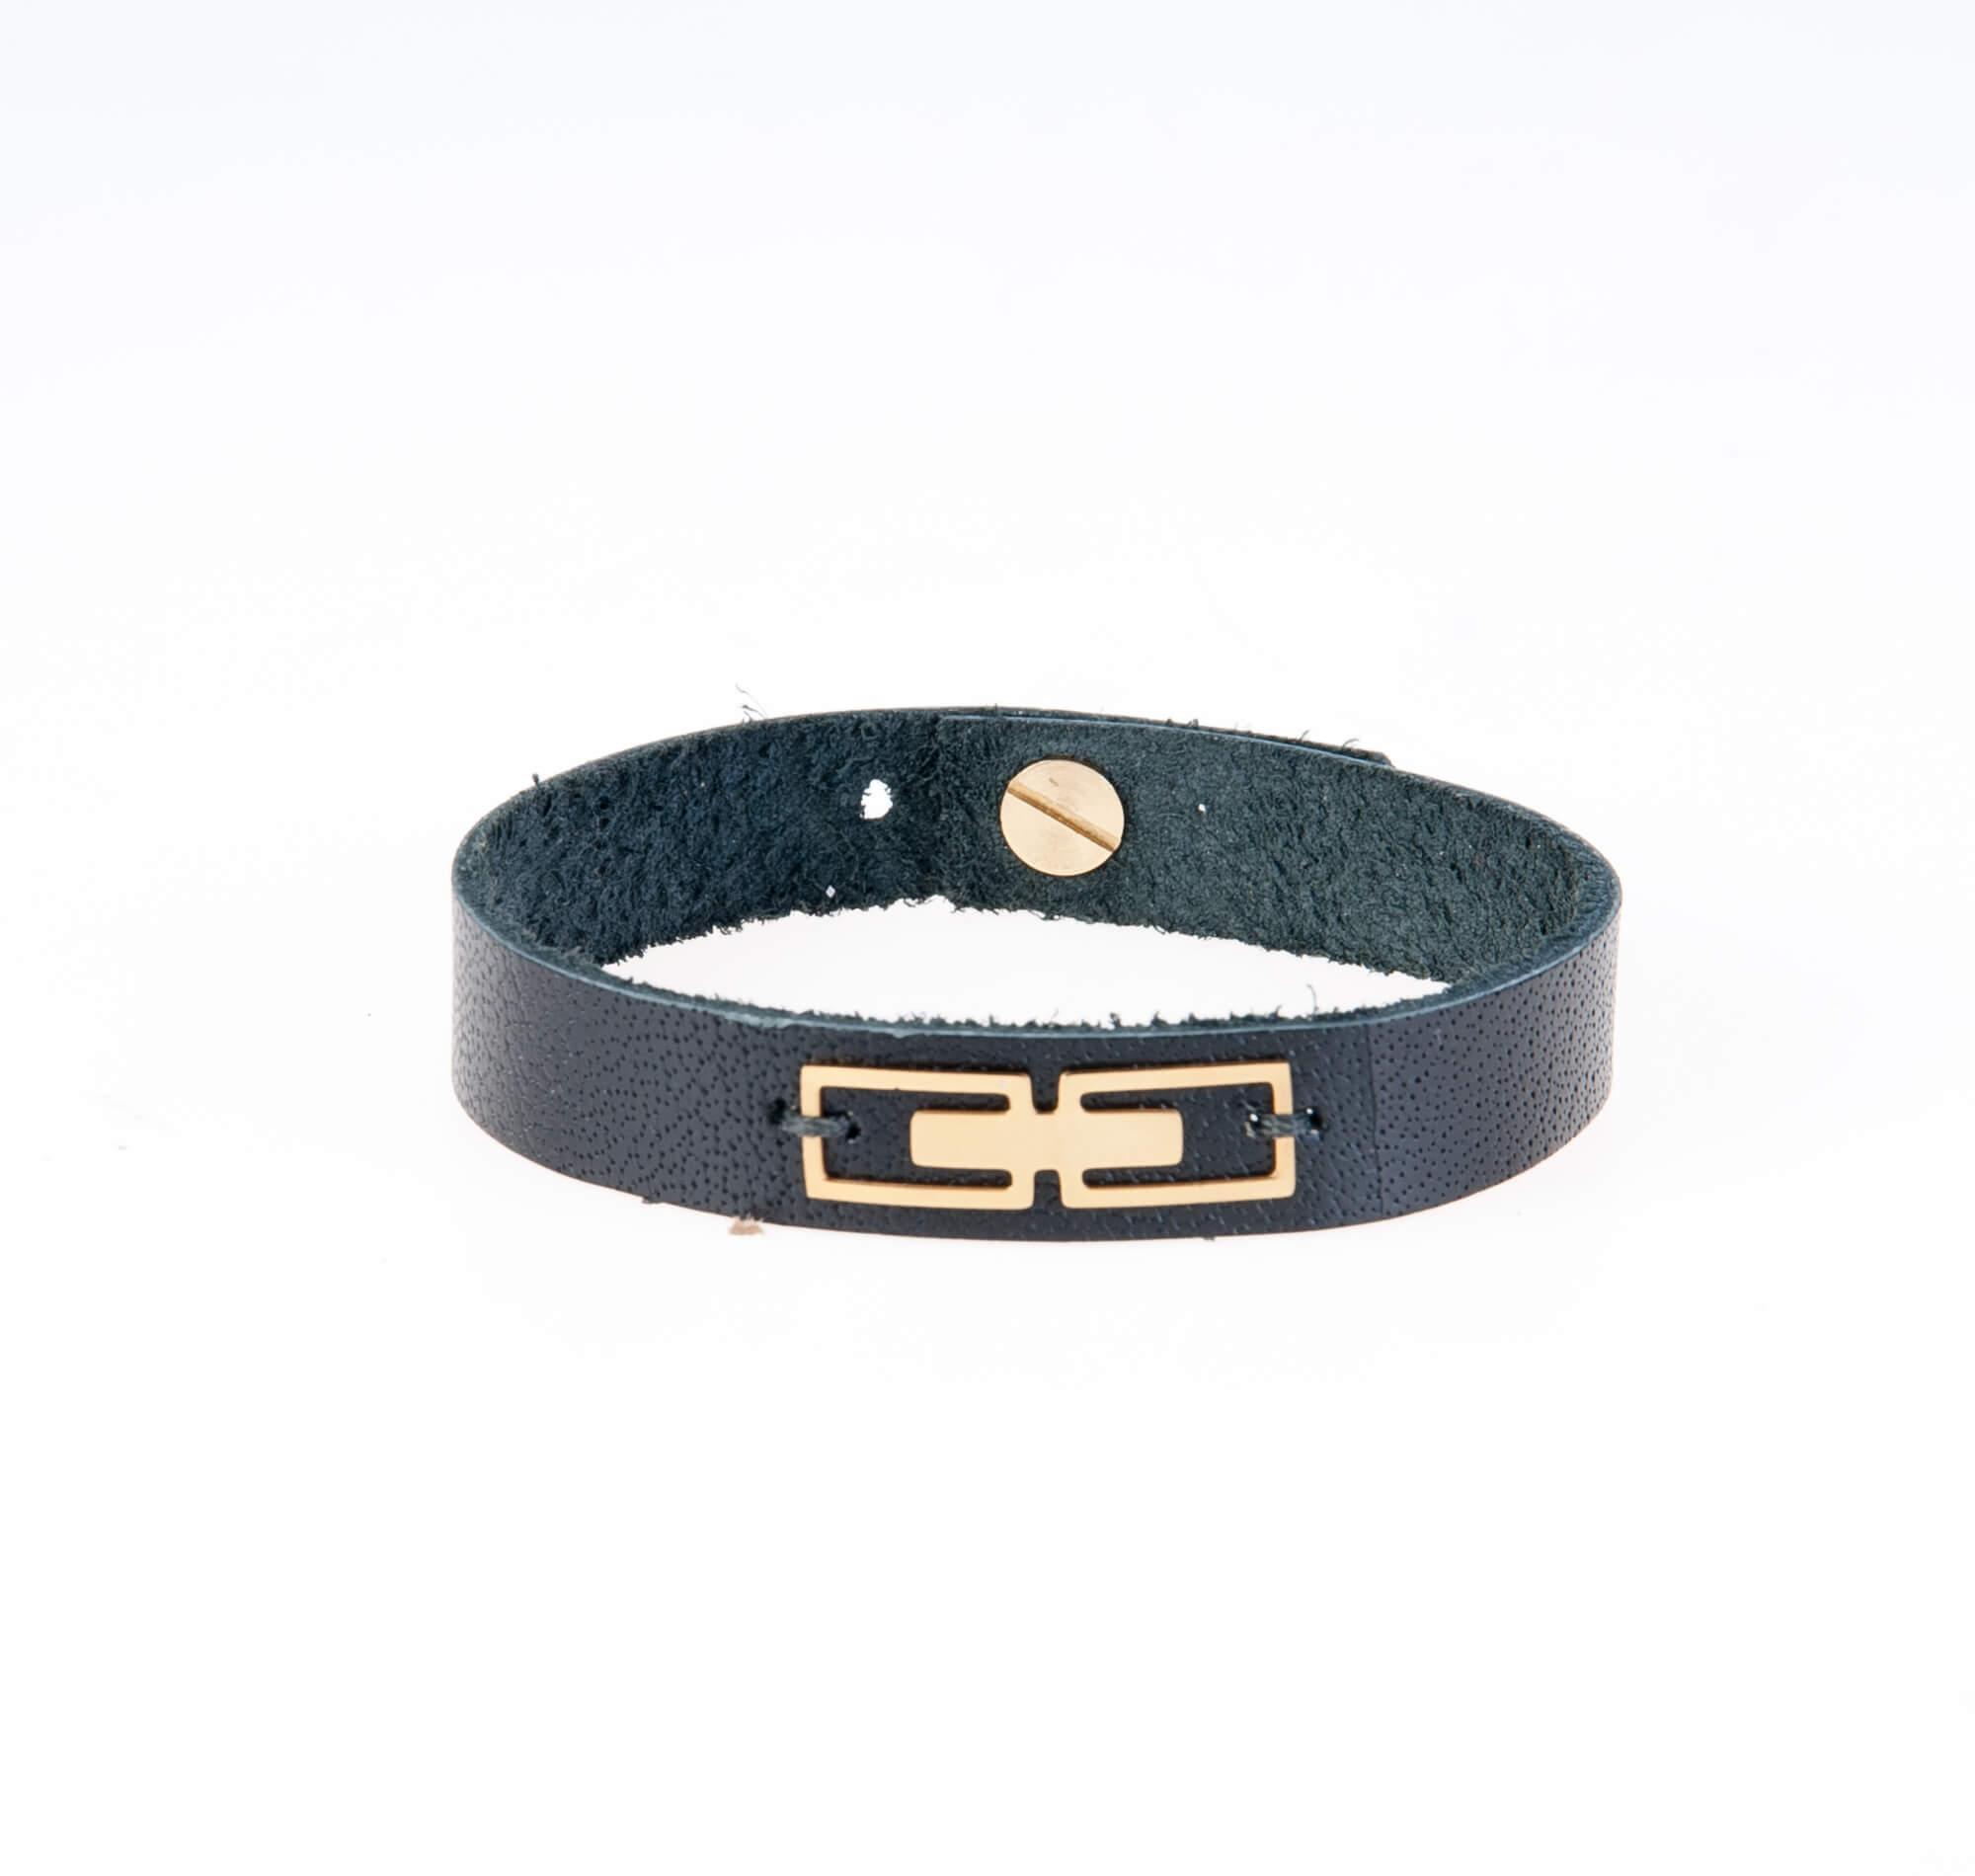 دستبند چرمی مشکی طلایی مردانه LM1017